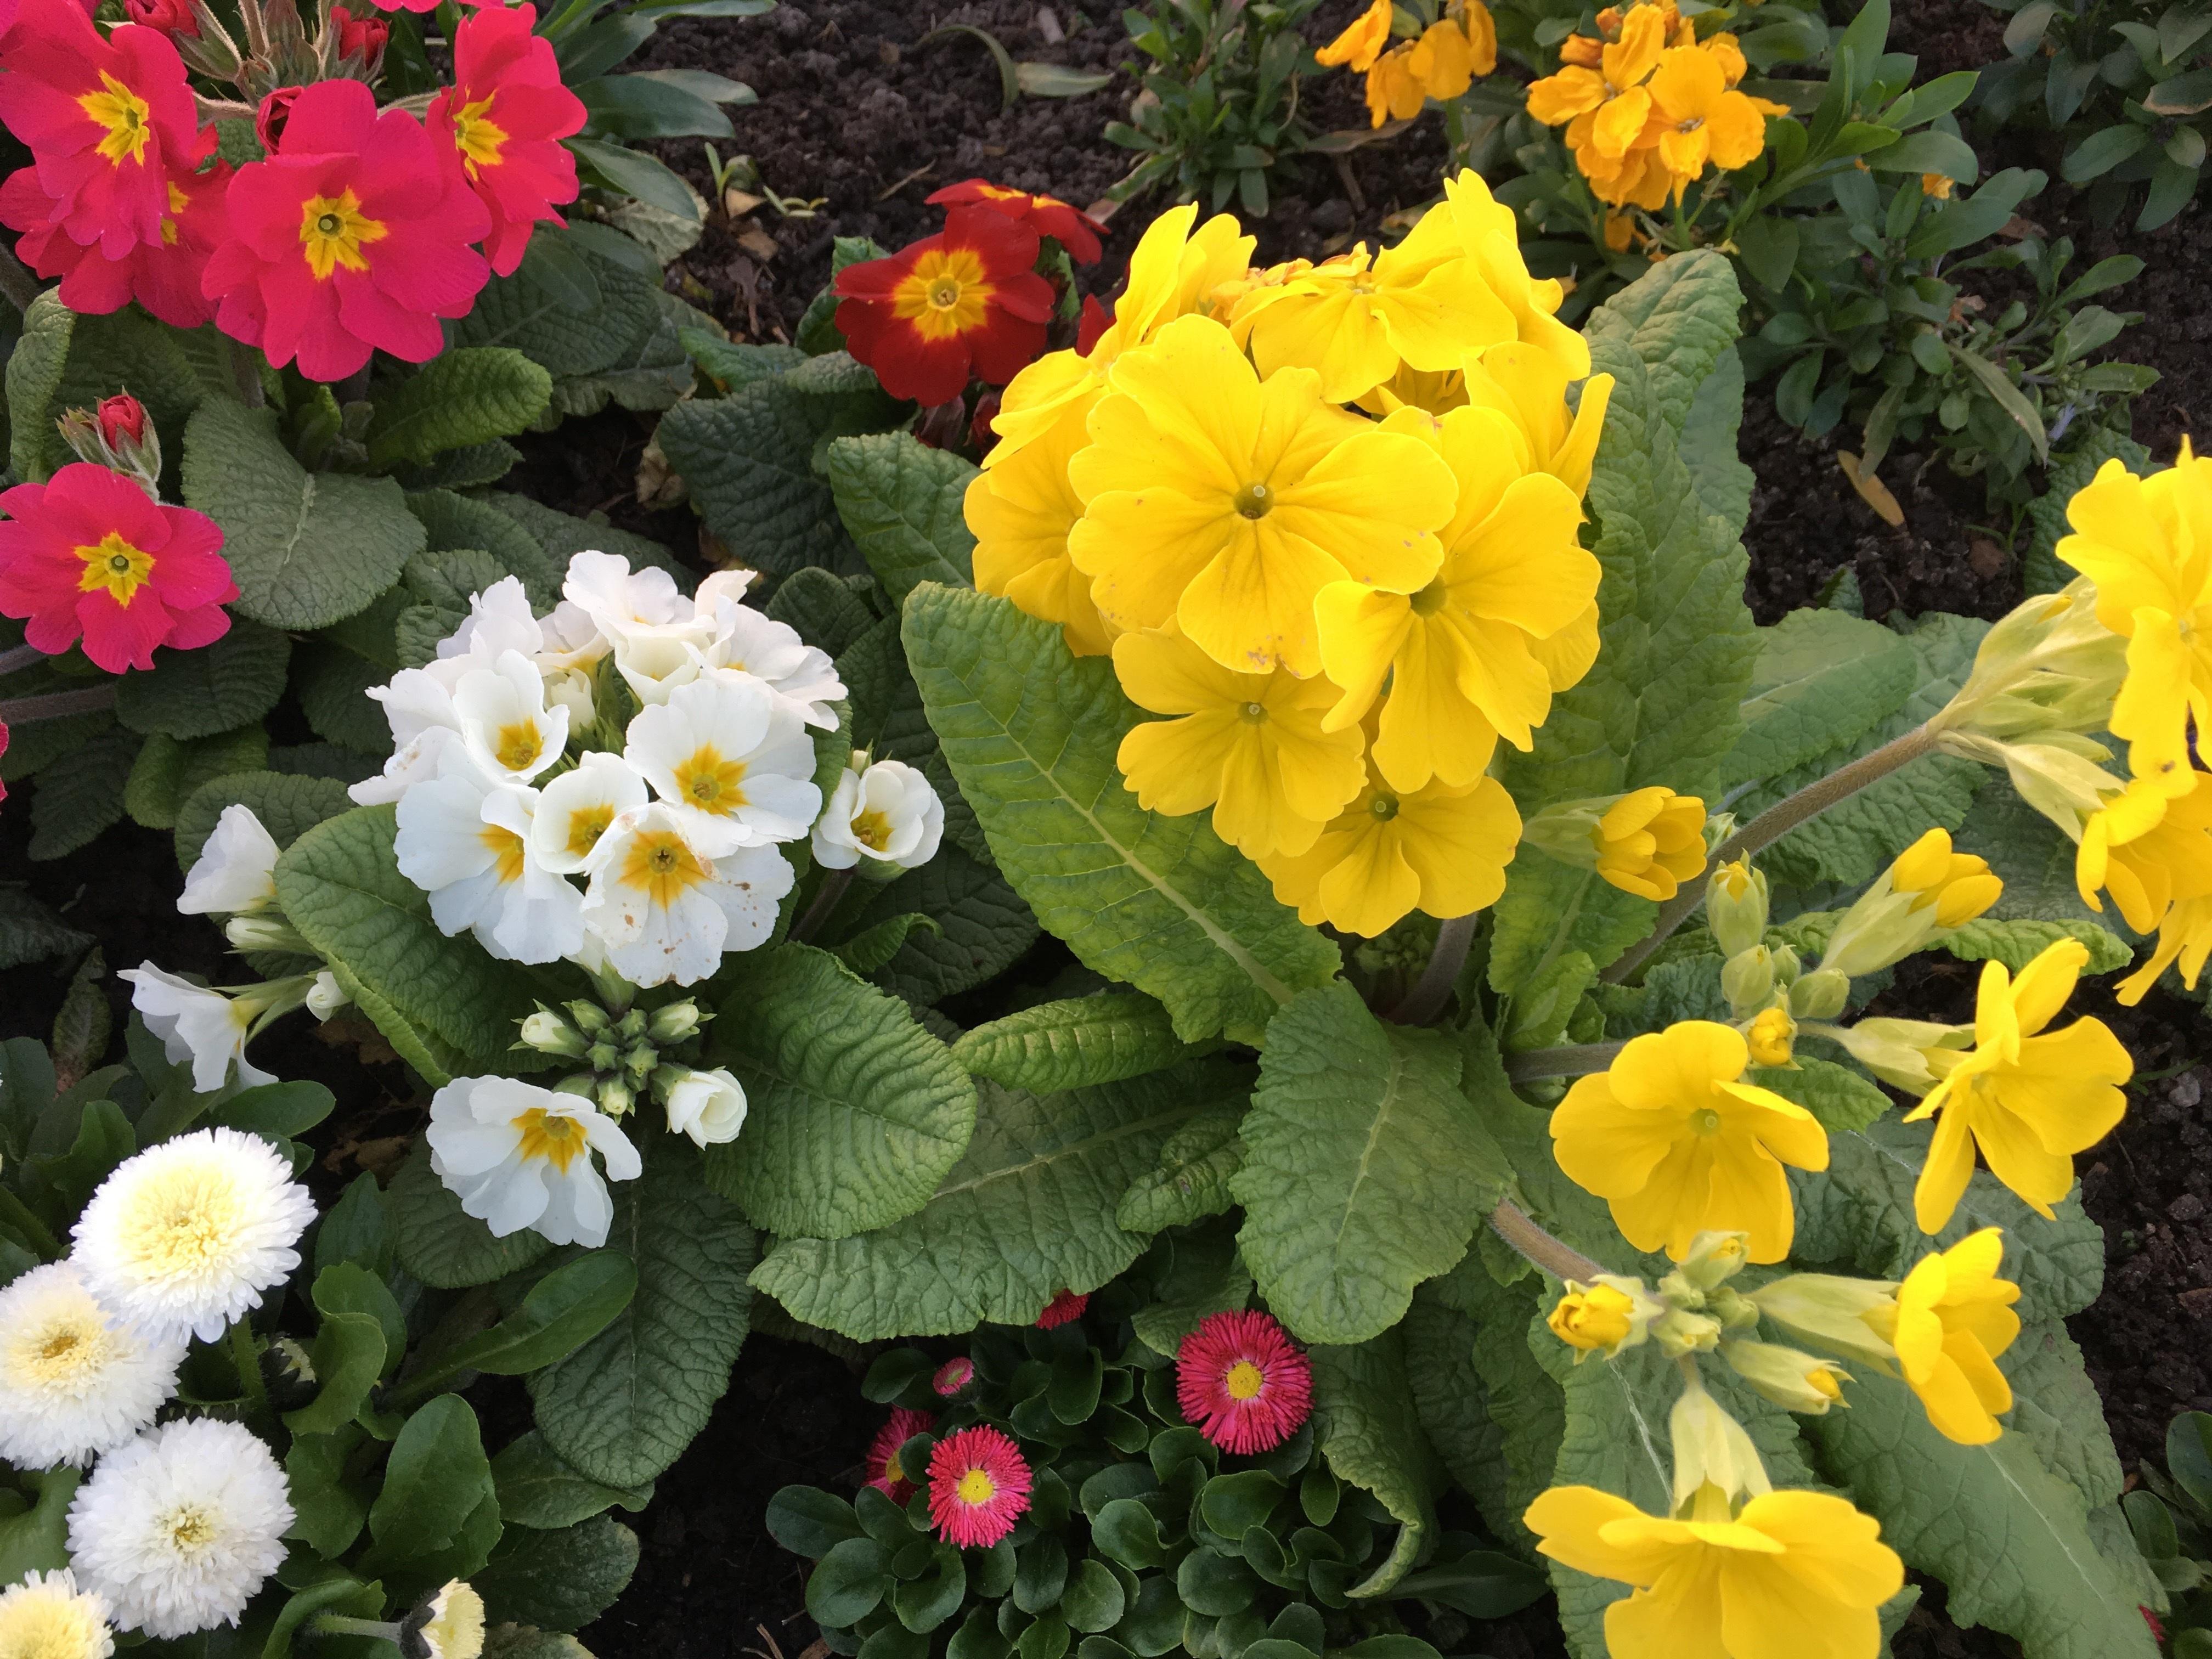 Free Images Flower Petal Spring Color Botany Flora Plants